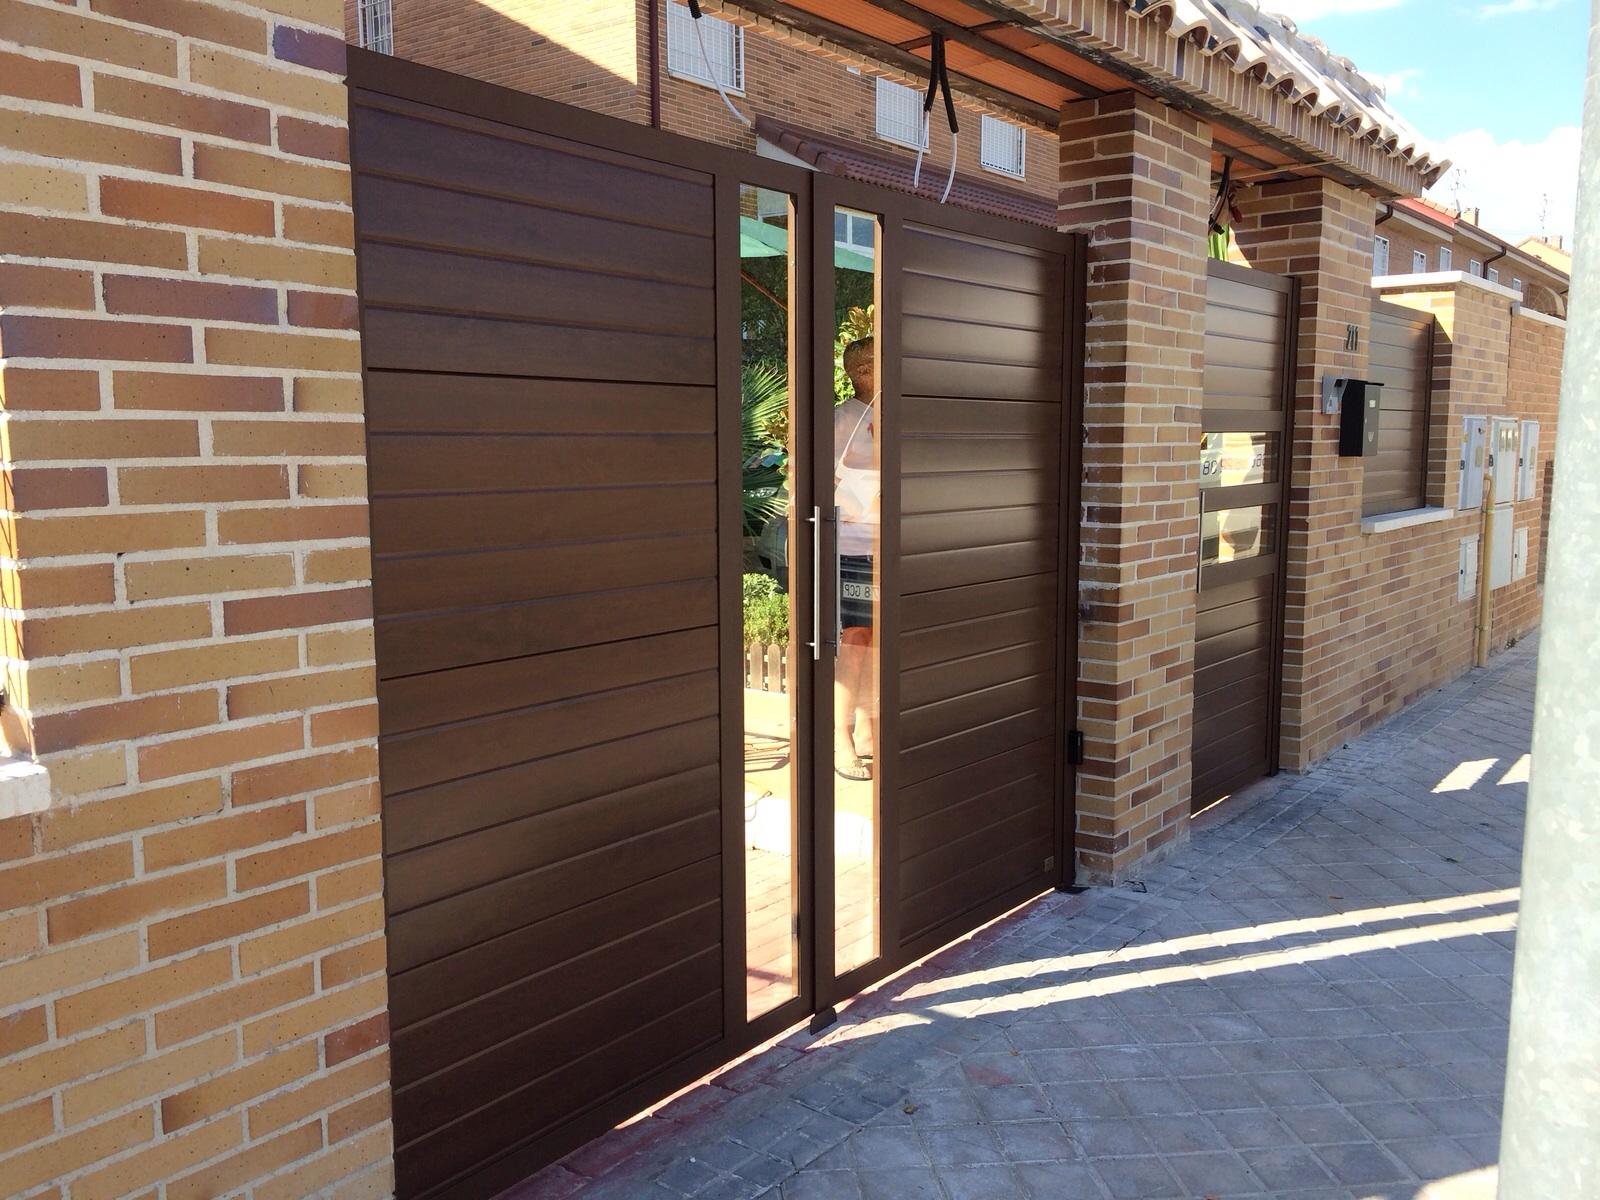 Puertas de panel imitaci n madera con inserto de cristal for Puertas de aluminio